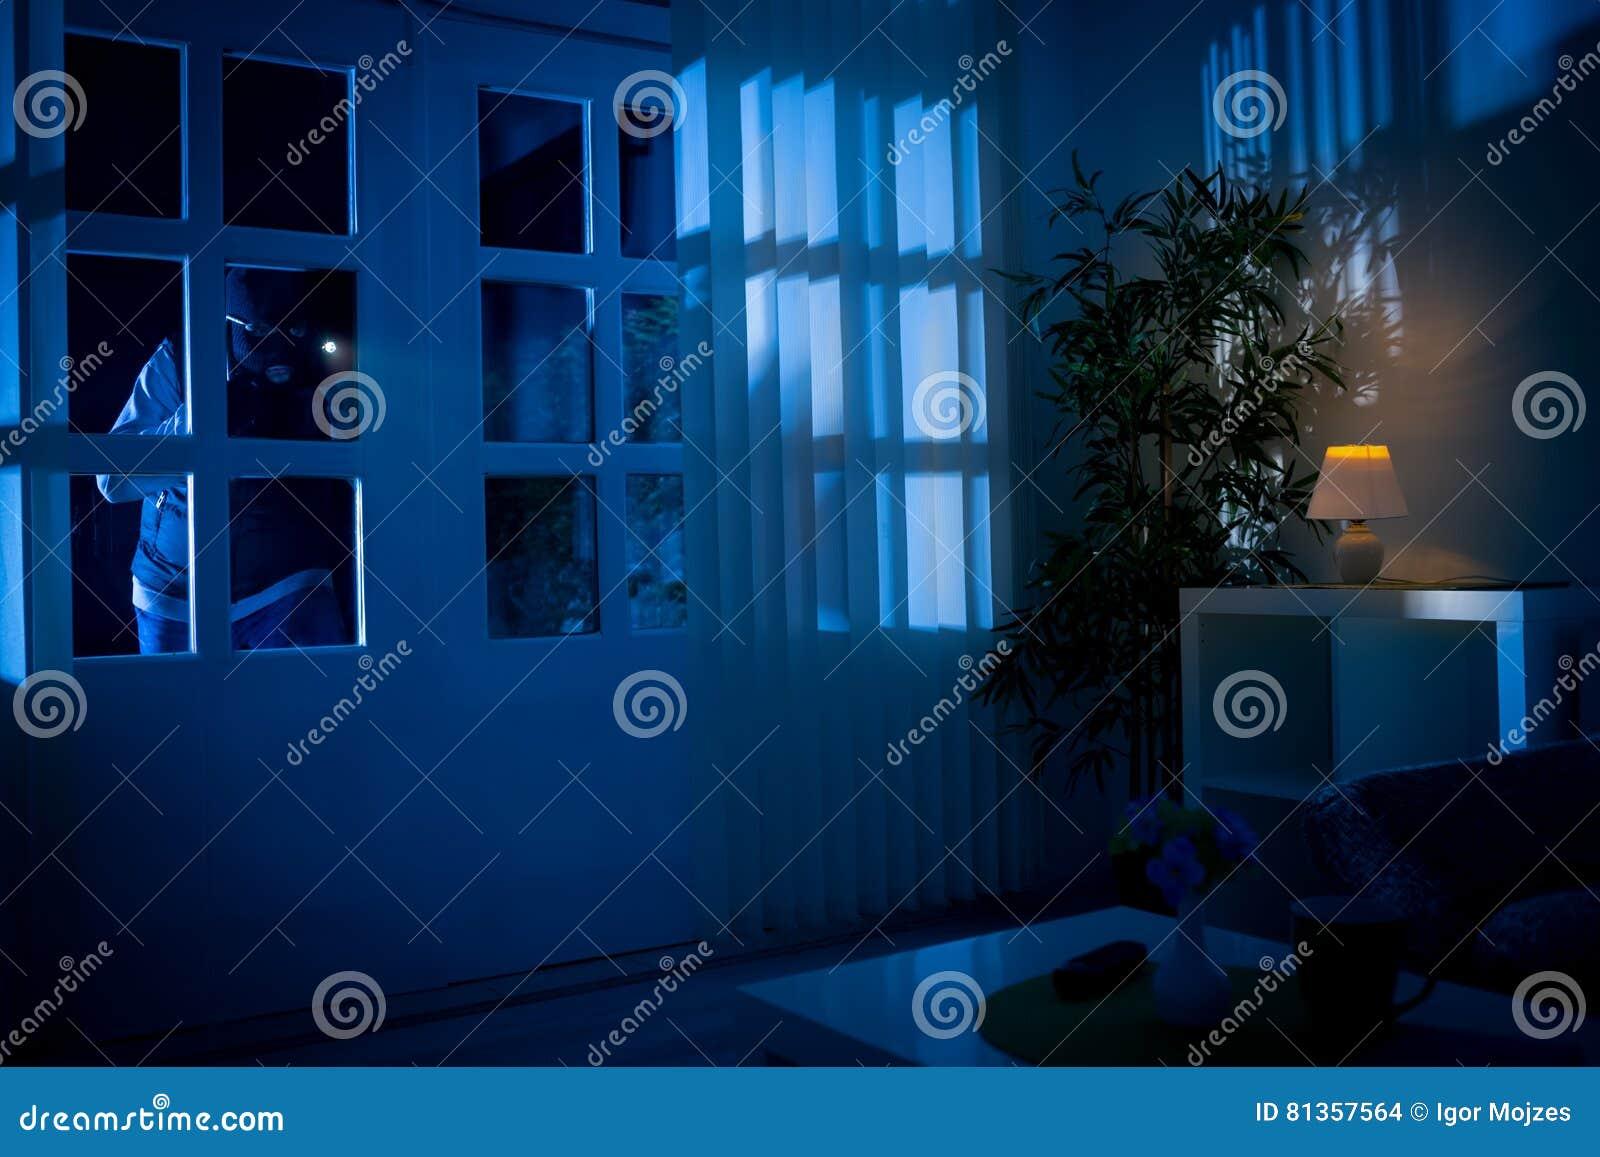 Le cambrioleur pénètre par effraction dans la maison